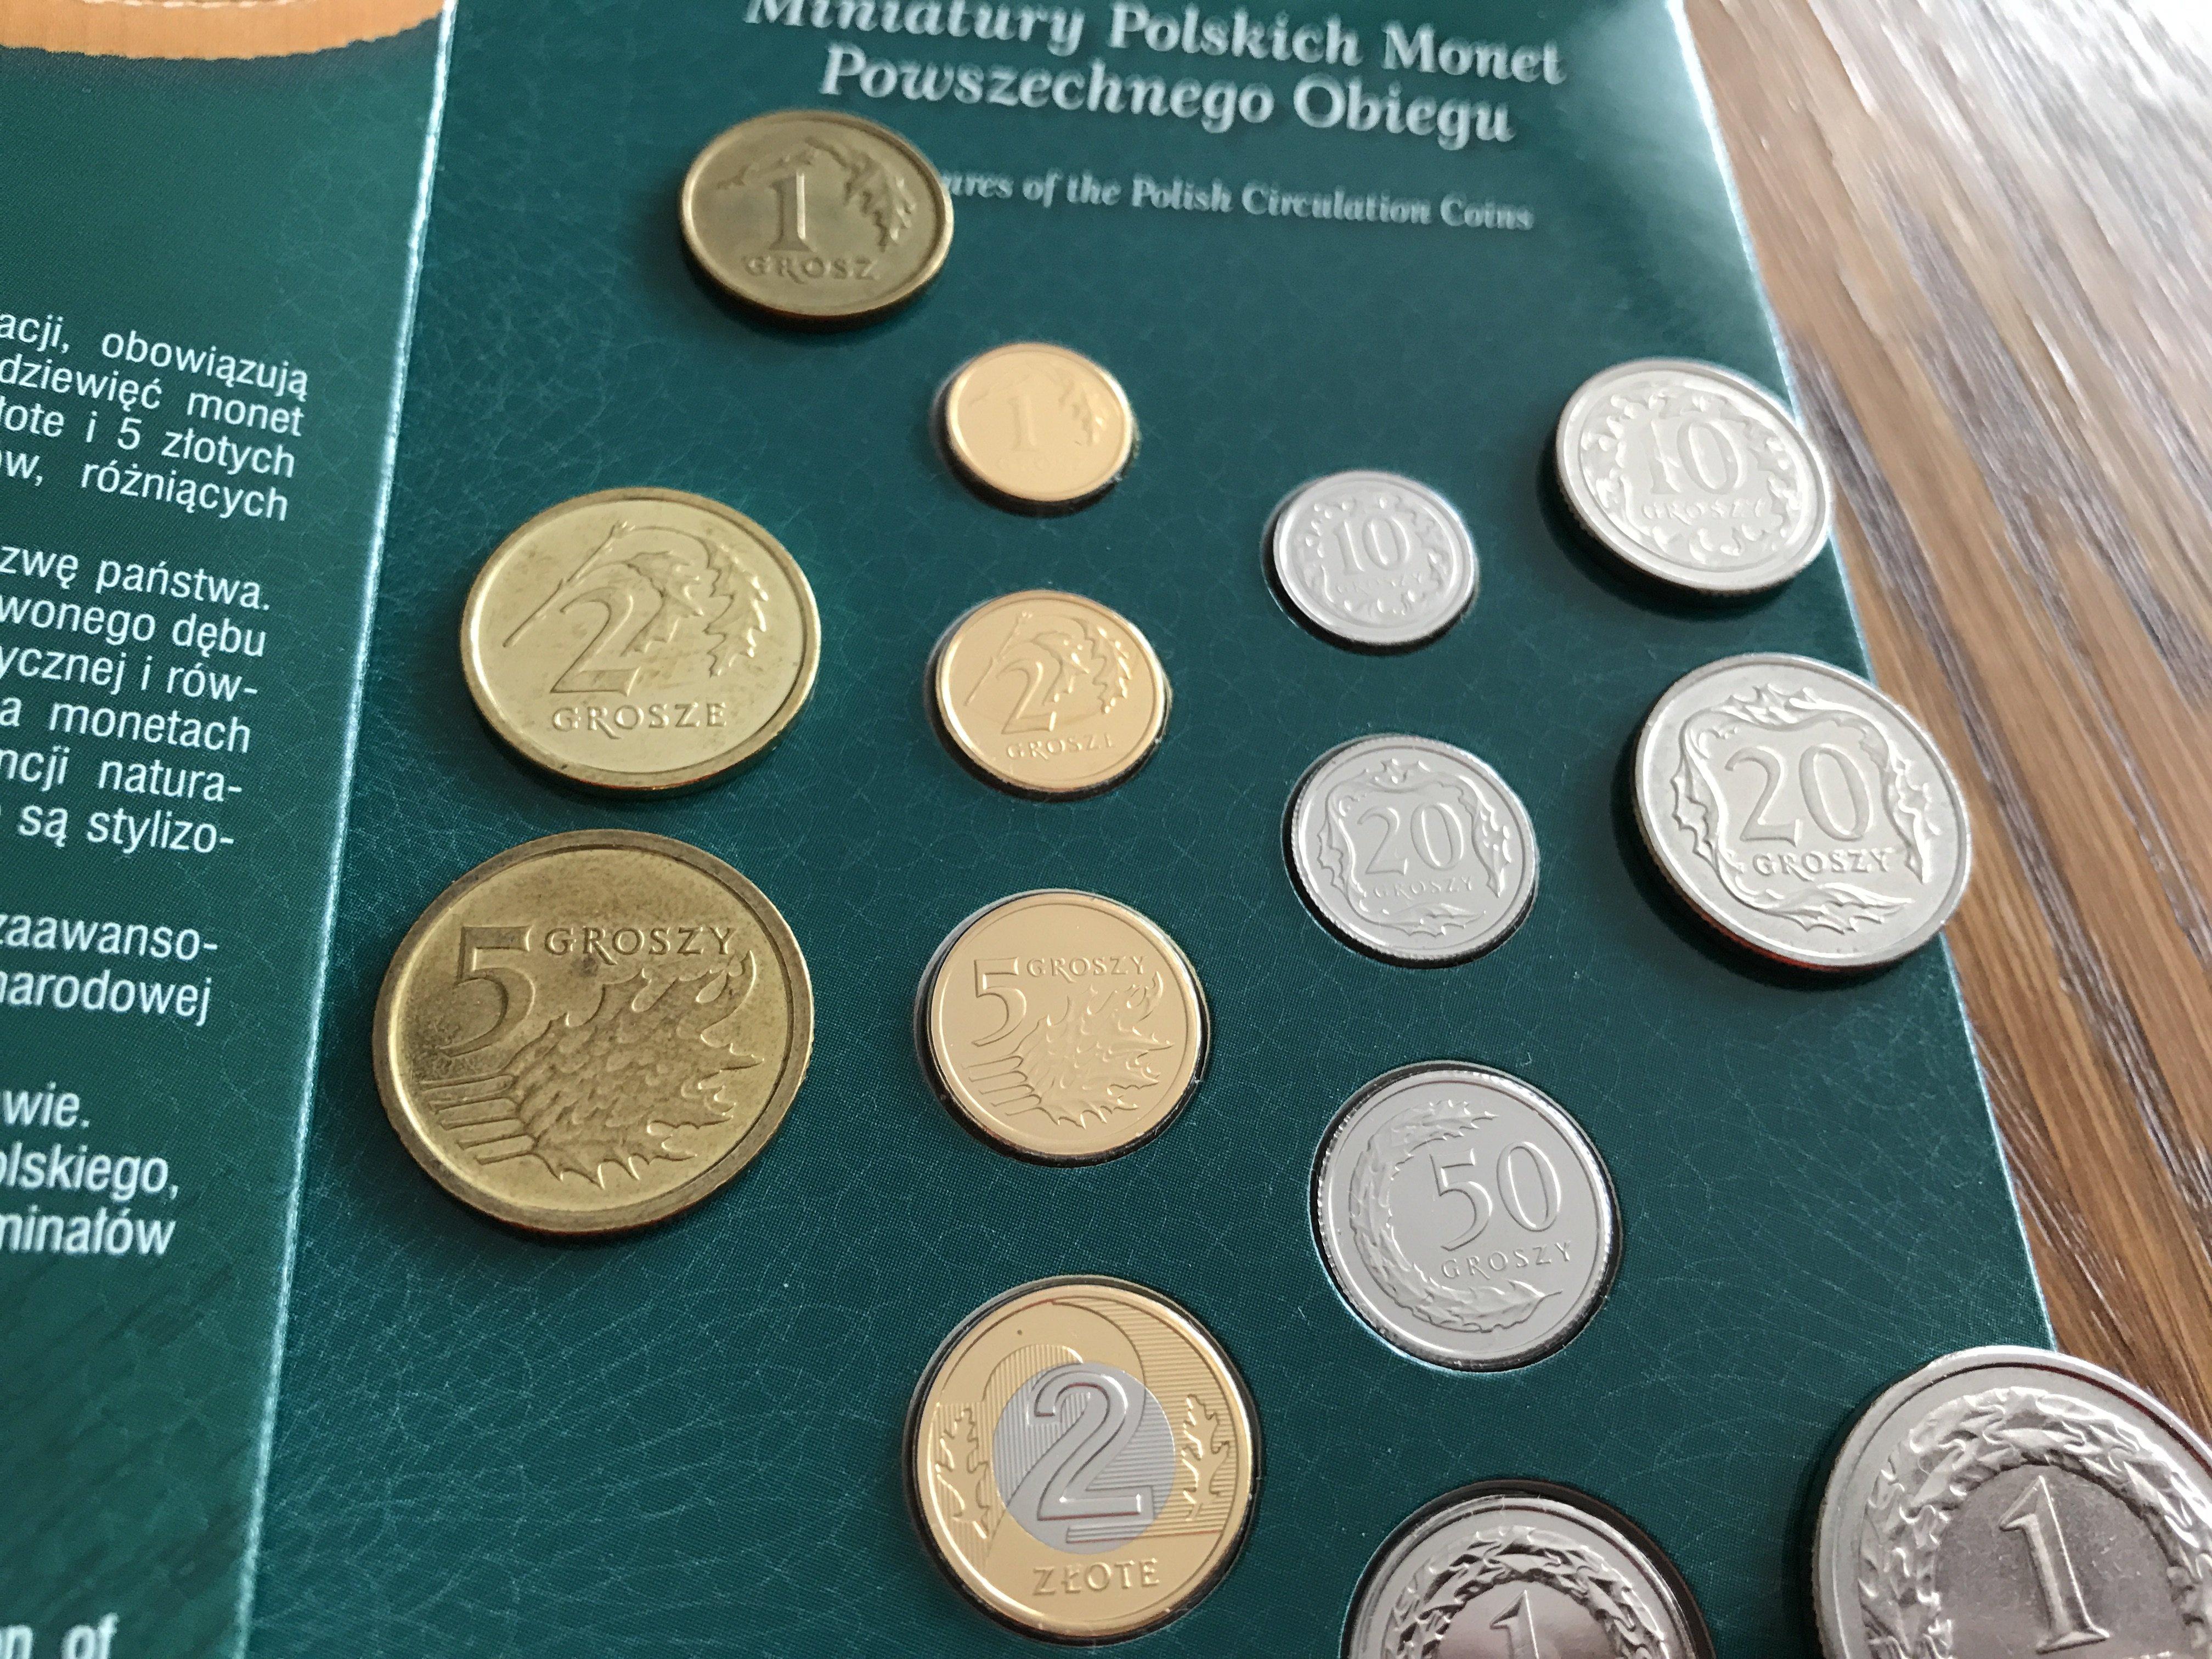 Miniatury monet obiegowych polska